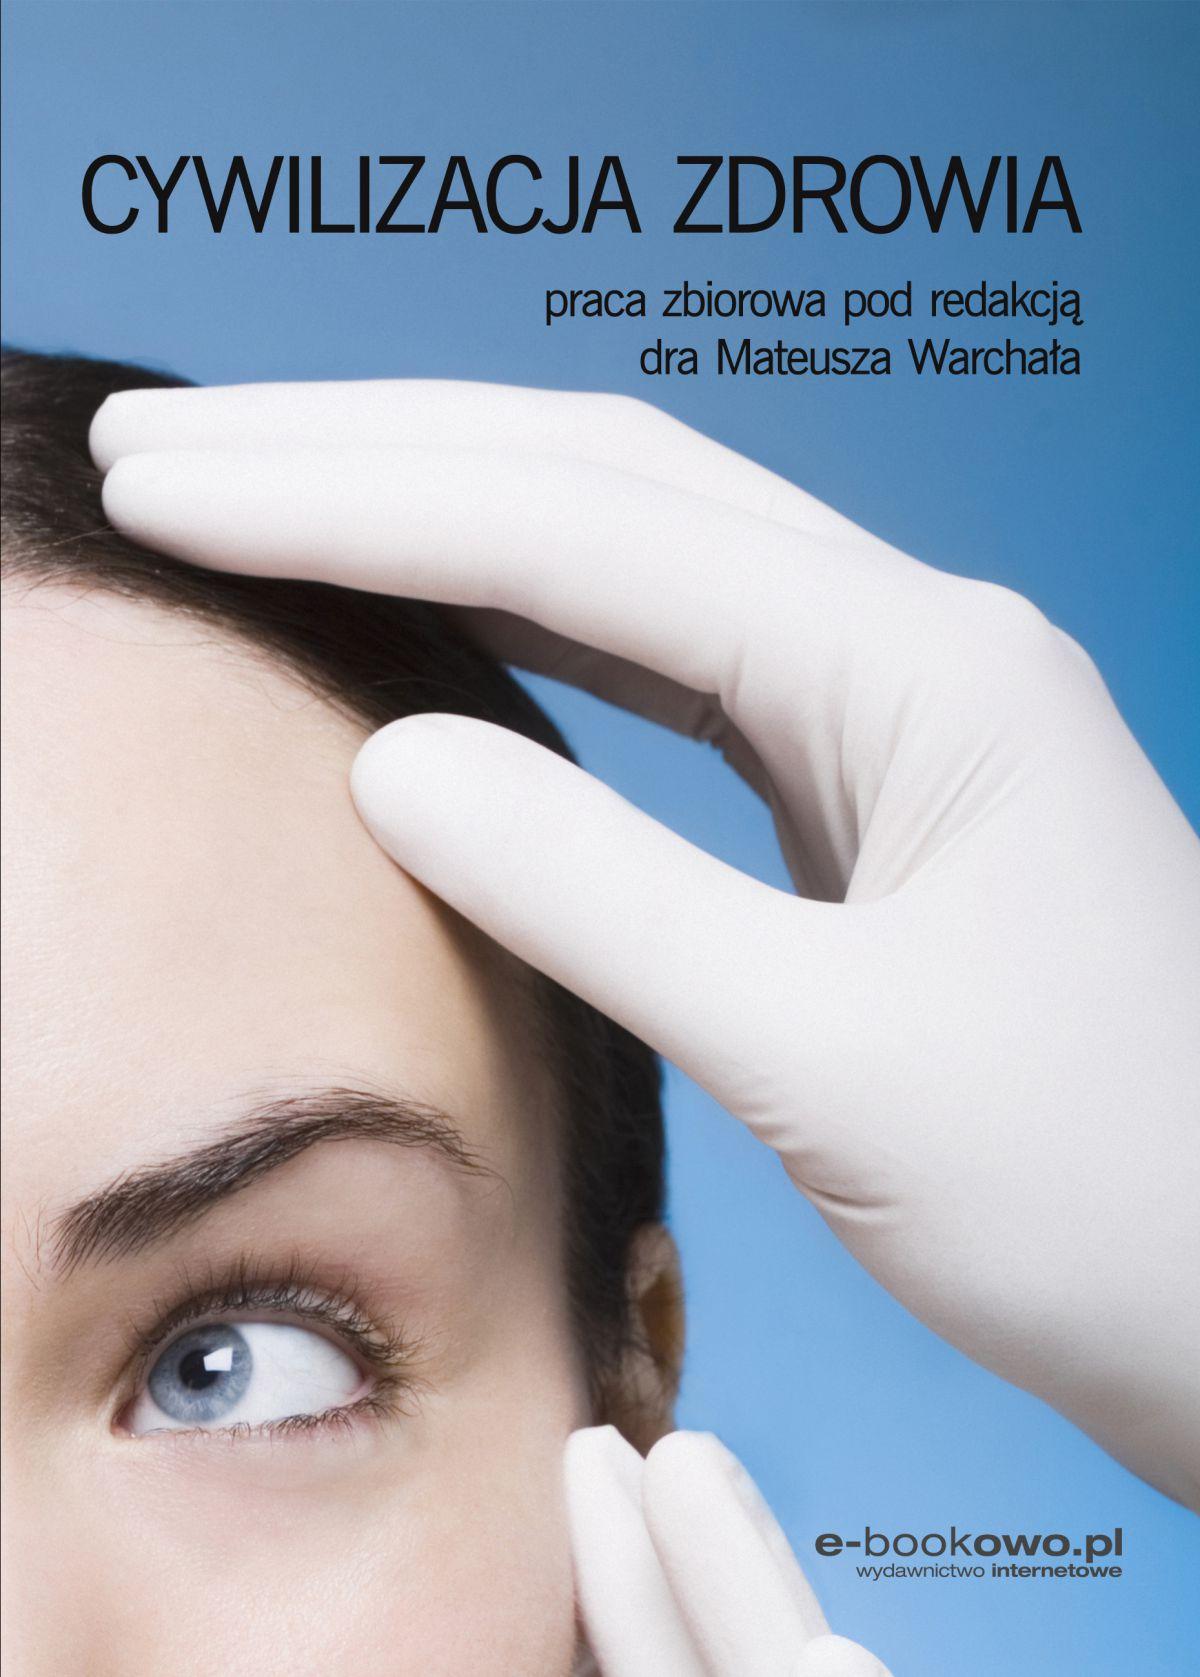 Cywilizacja zdrowia - Ebook (Książka EPUB) do pobrania w formacie EPUB